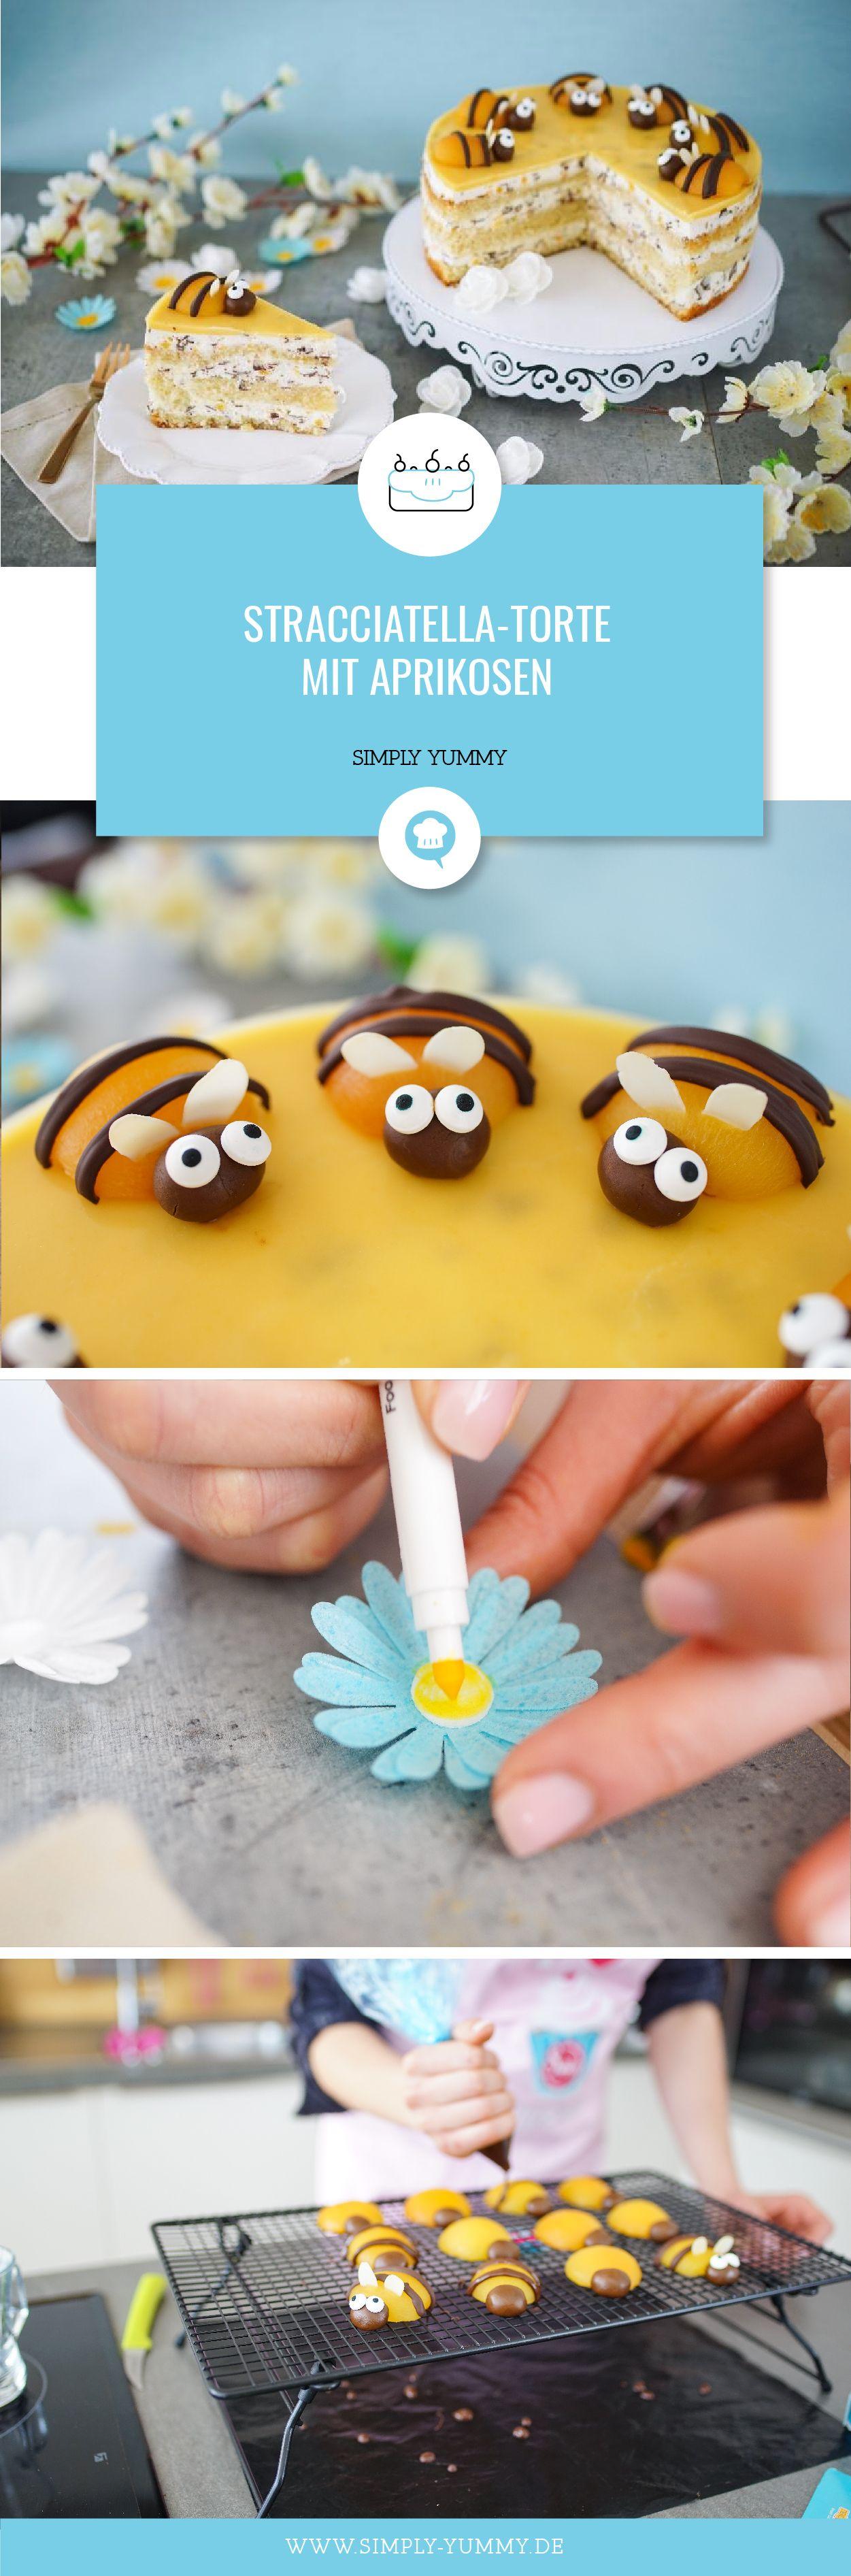 Stracciatella Torte Mit Aprikosen Rezept Backen Pinterest